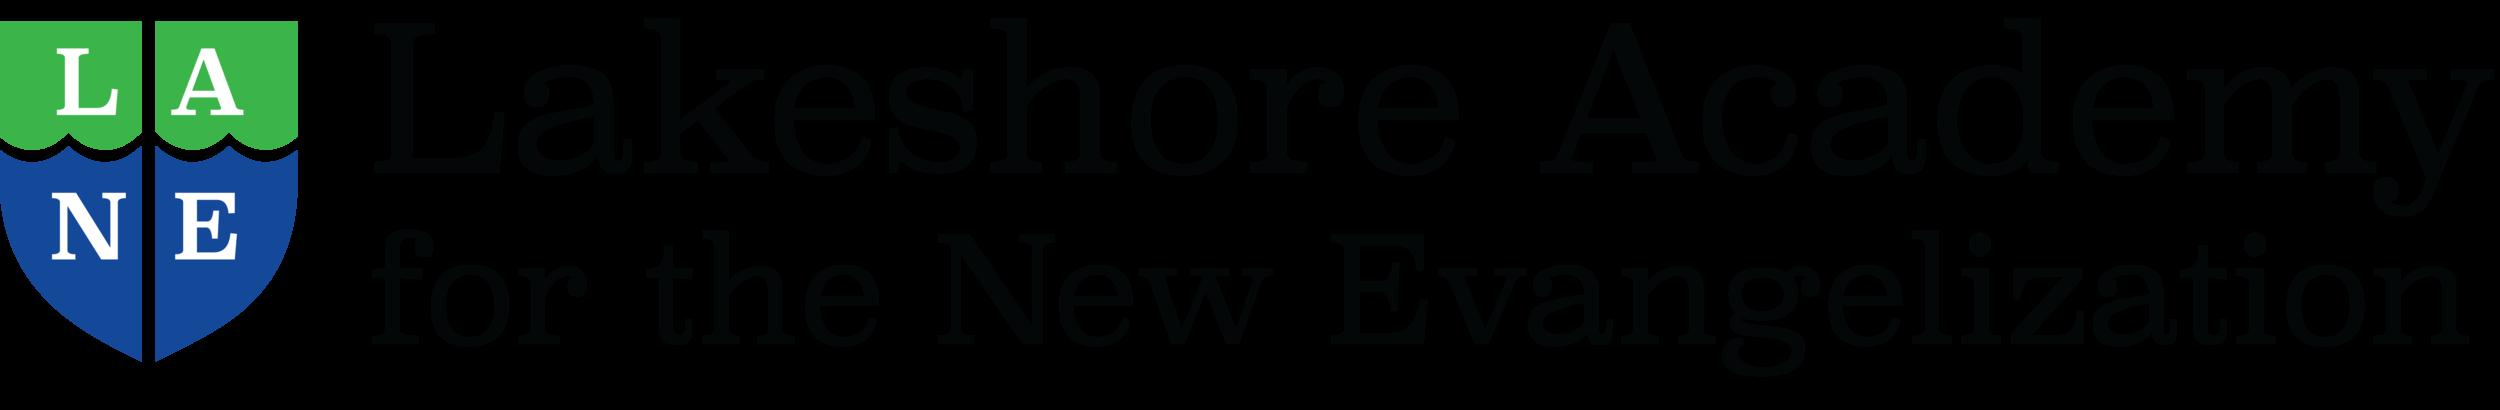 LANE Logo 5.10.18 - Full Minus Details.png